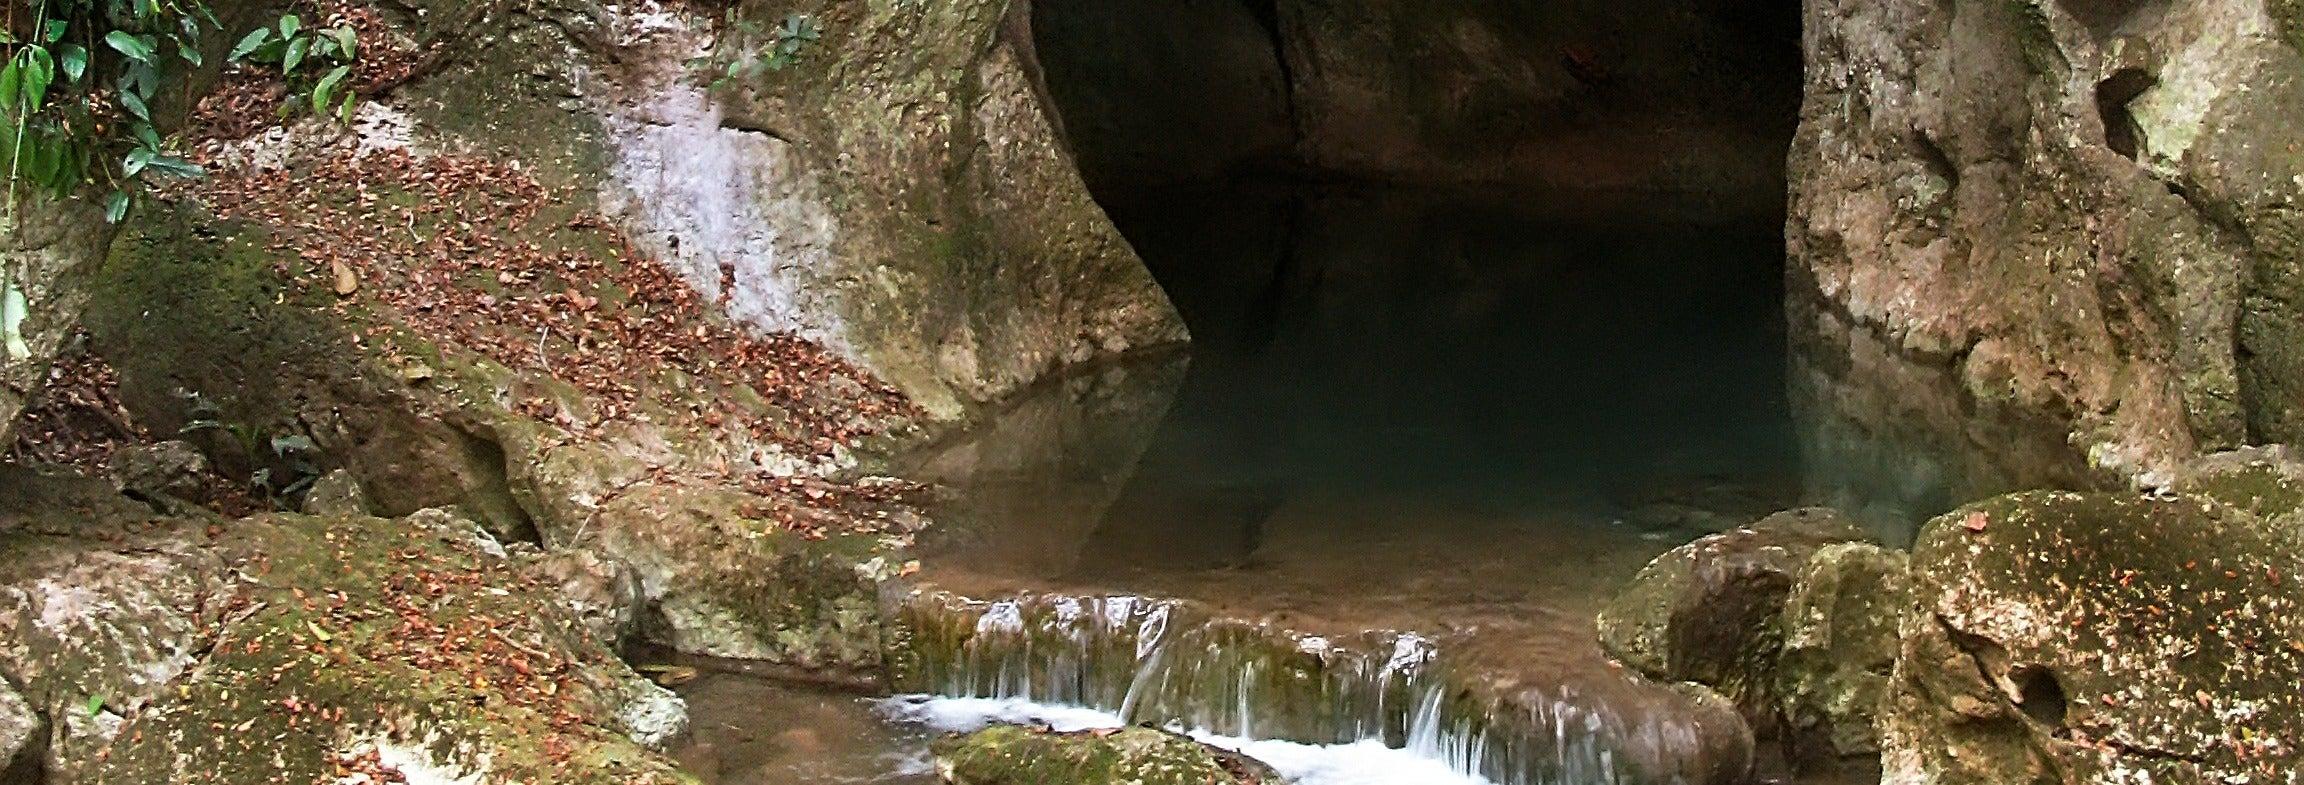 Actun Tunichil Muknal Cave Trip